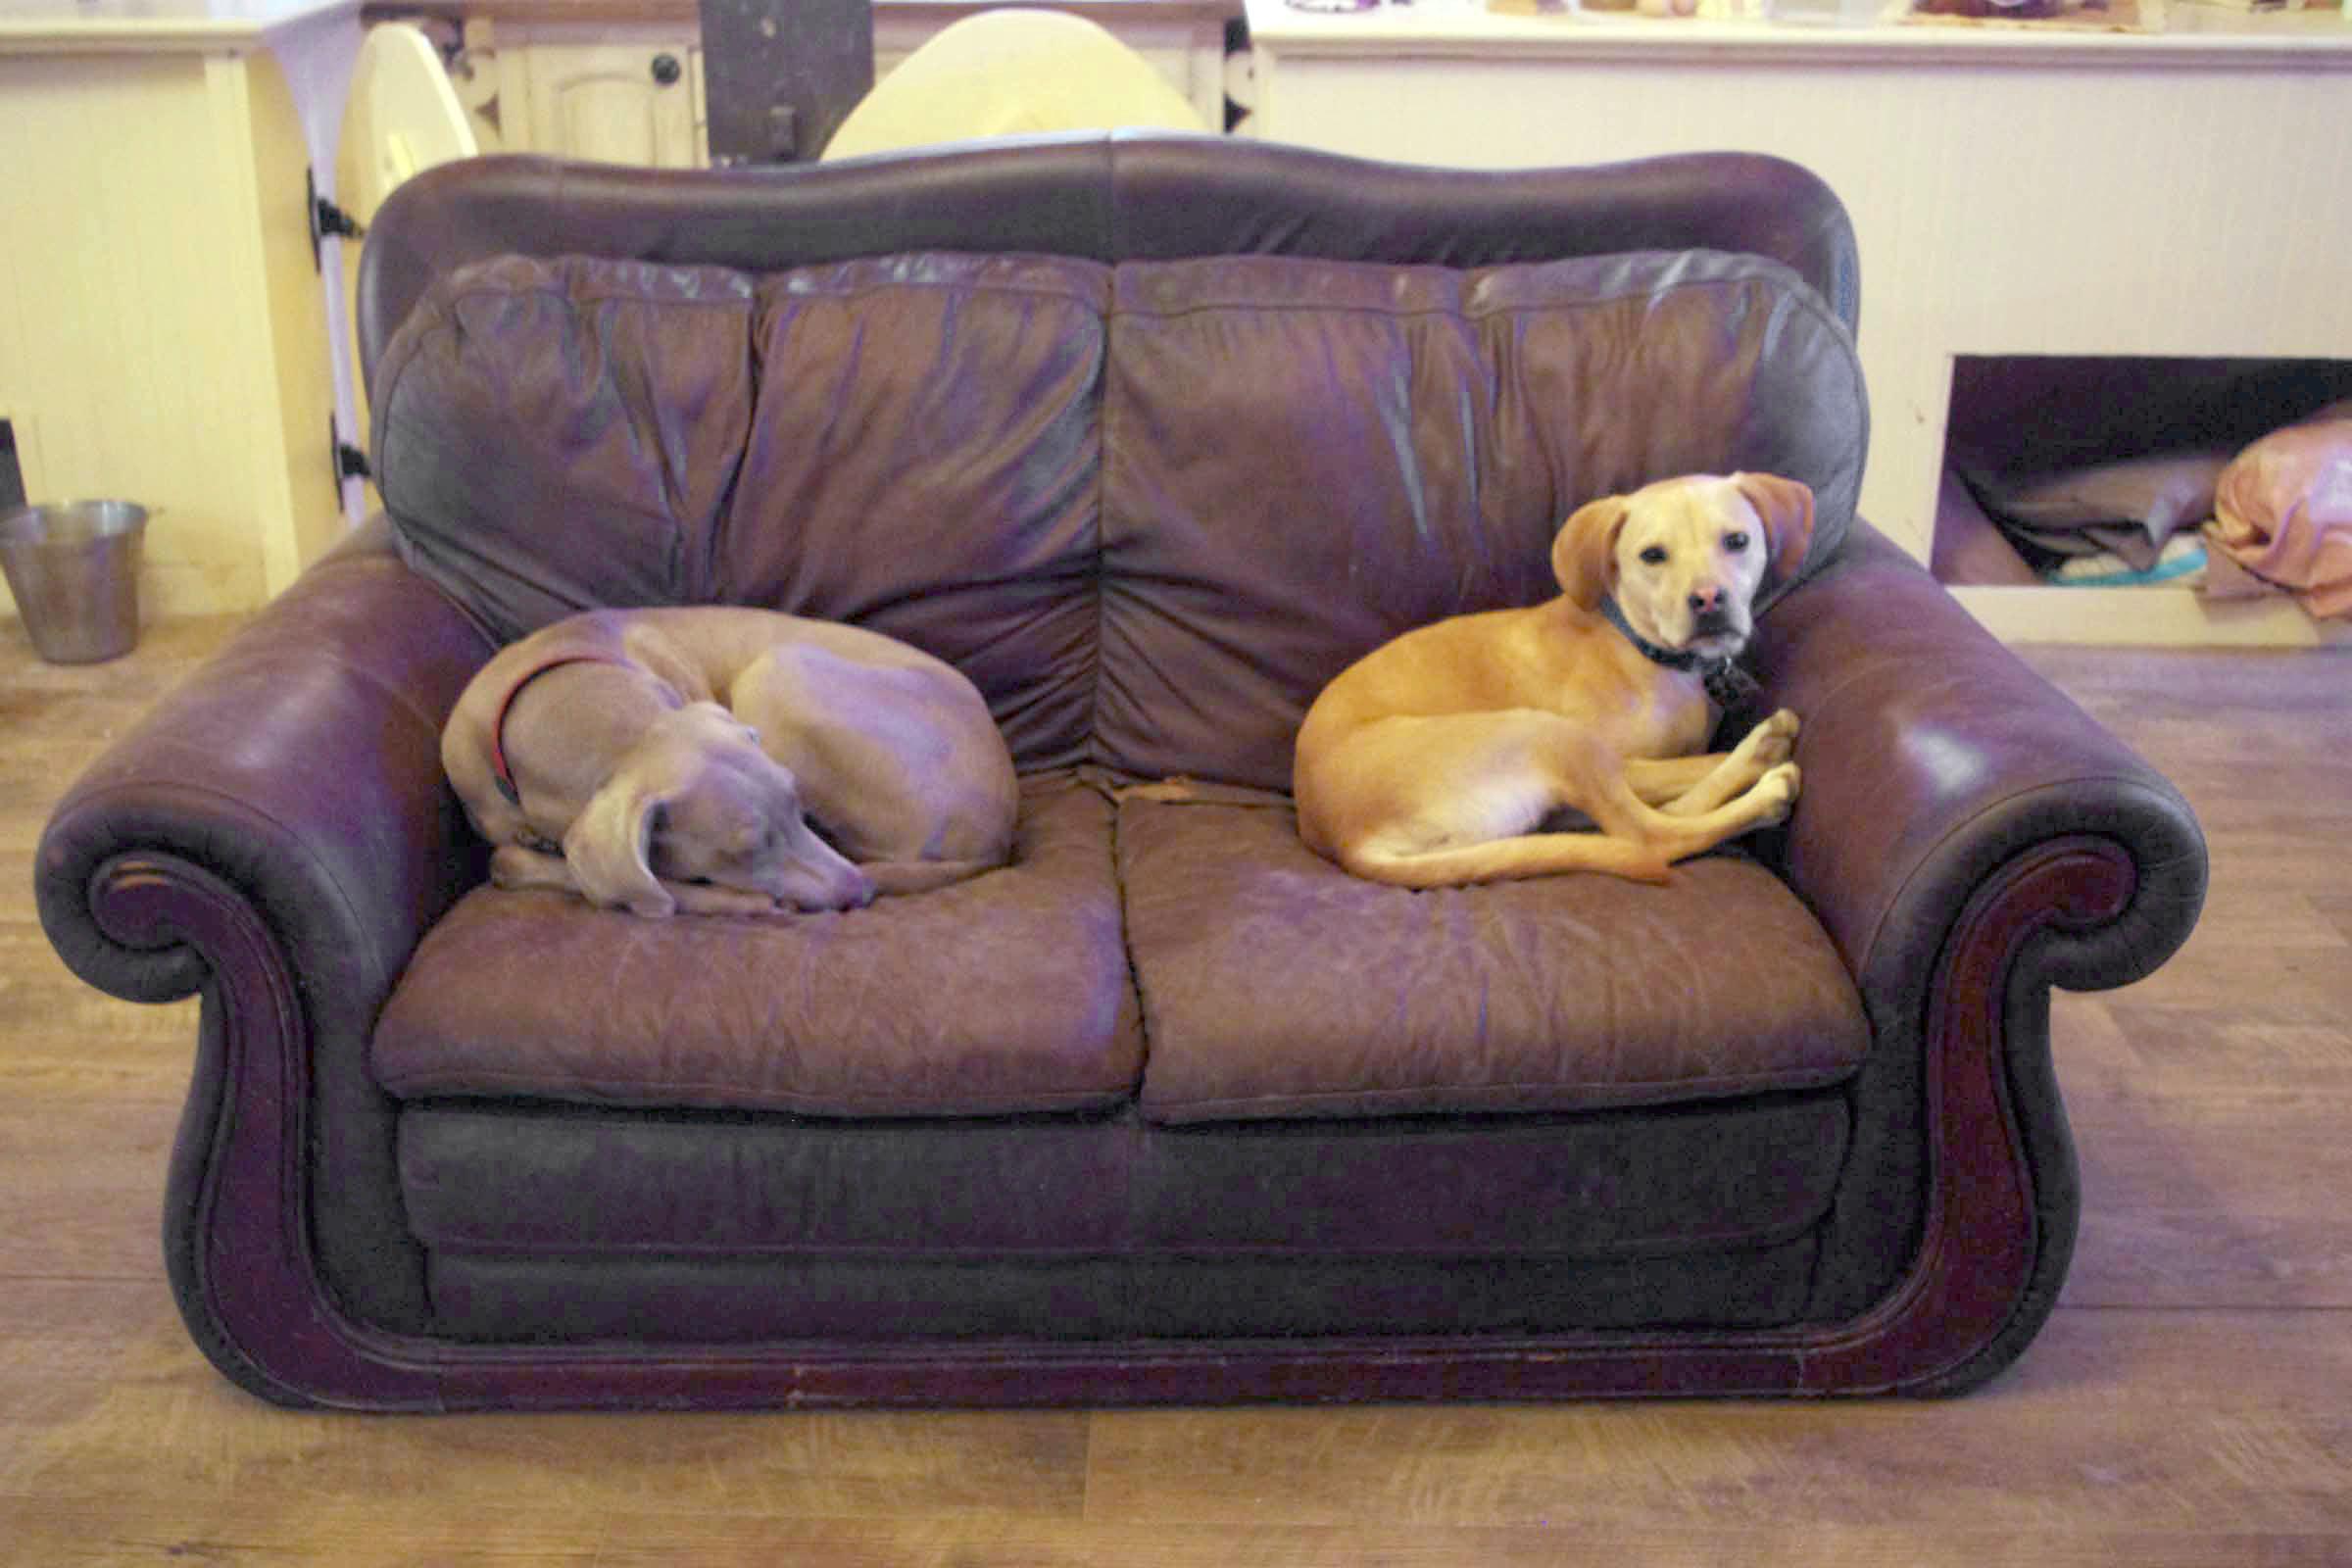 Wagadilly Cottage Dog Boarding U2013 Dog Boarding, Dog Training, Dog Psychology  U0026 Socialization